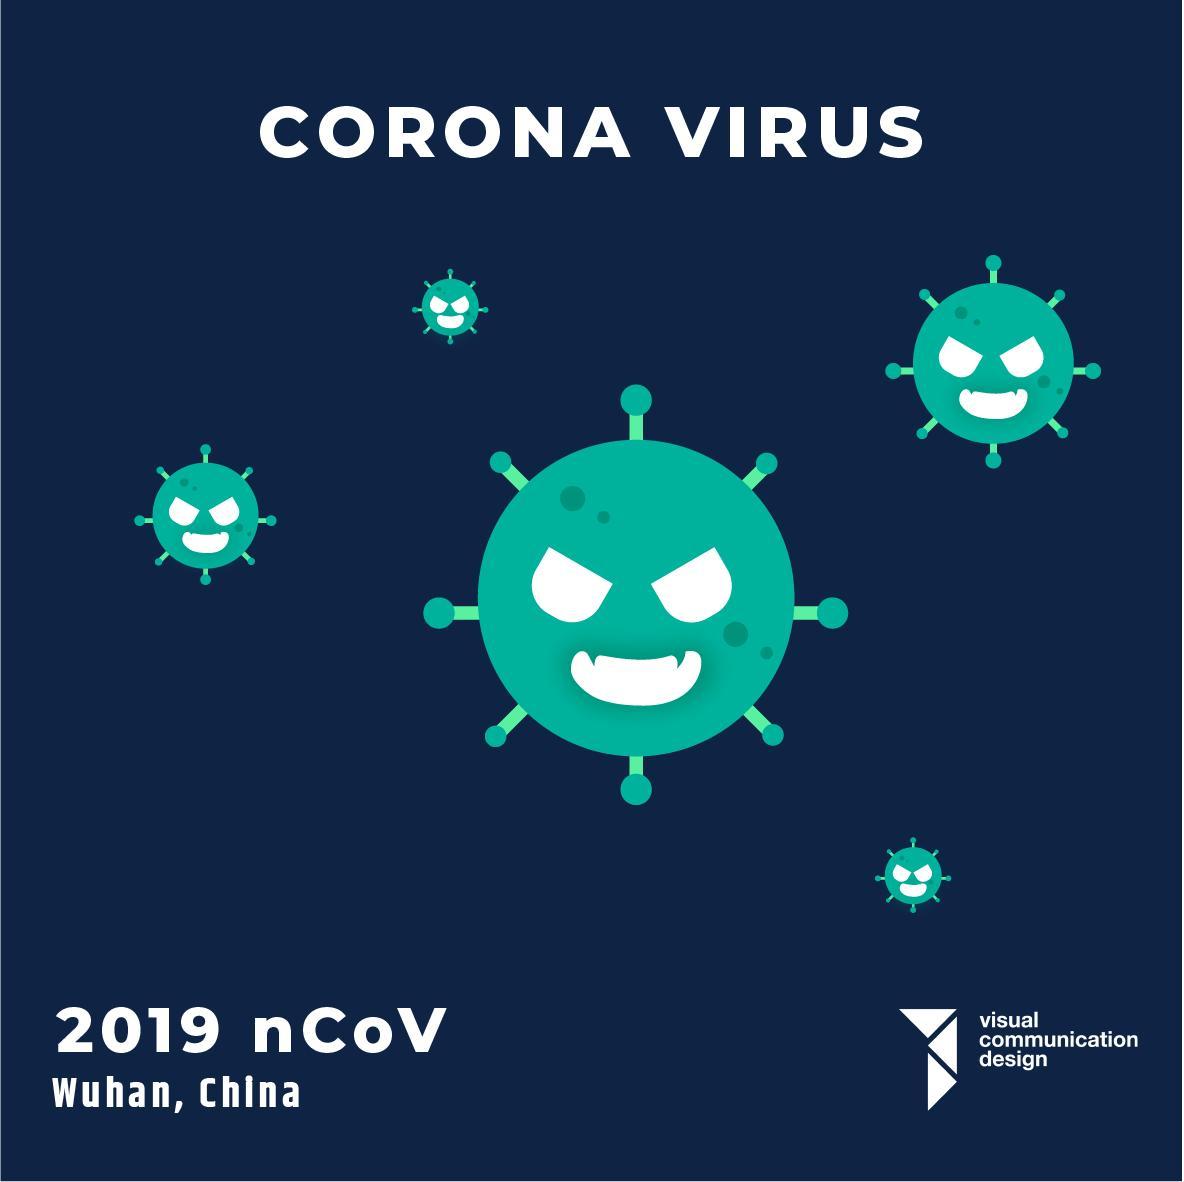 Corona Virus by Angela Ang (VCD 2018)